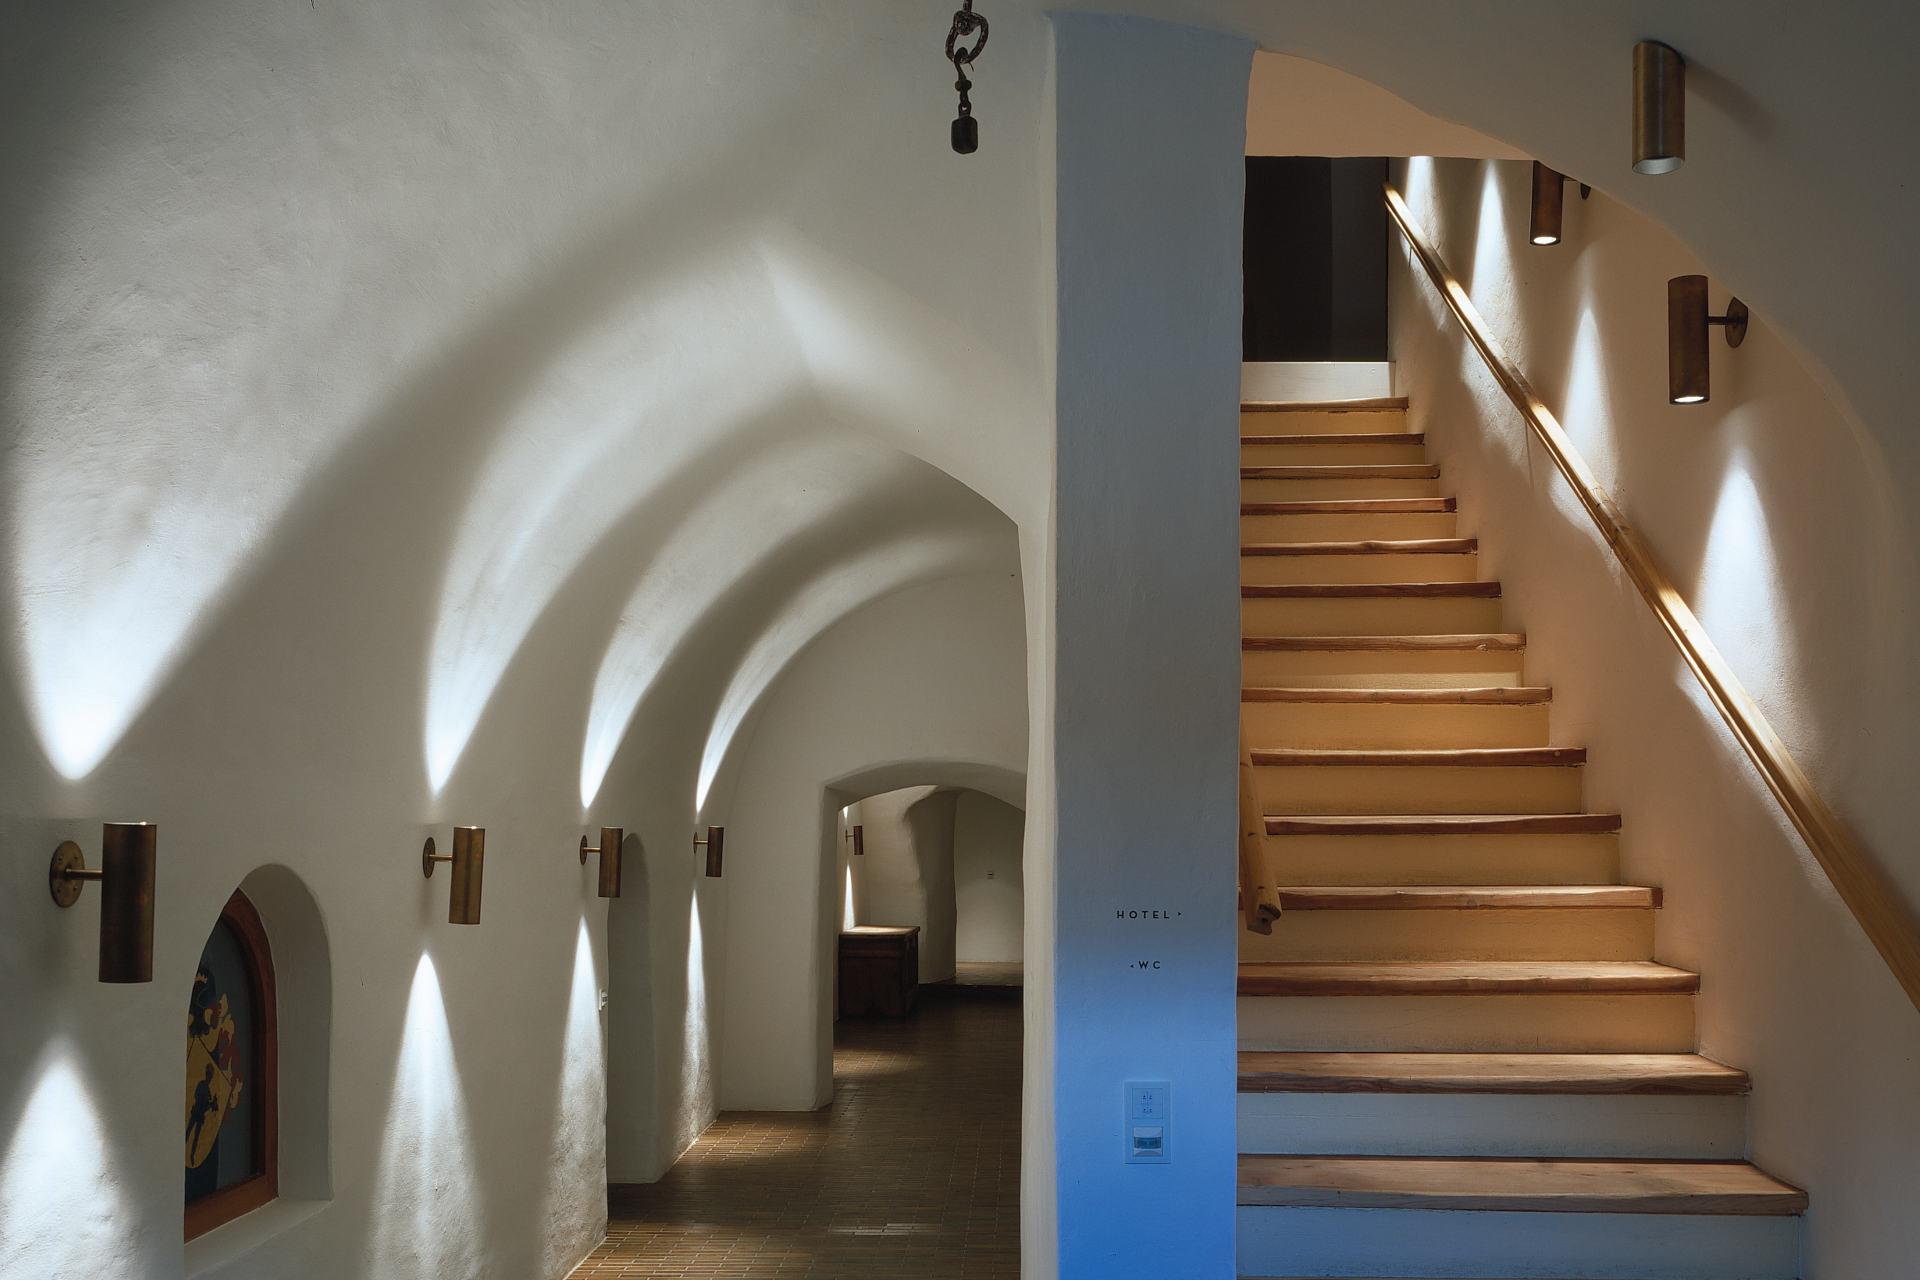 Grüner Baum - Historischer Gasthof